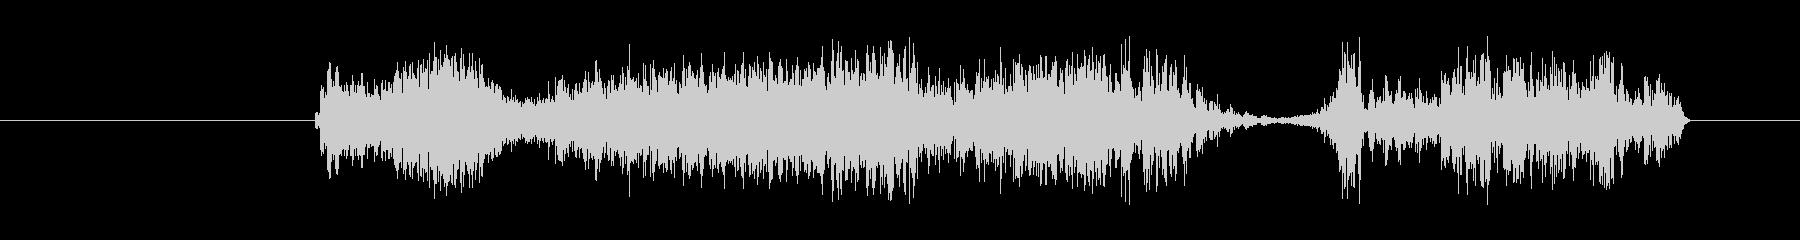 特撮 グリッチショート01の未再生の波形